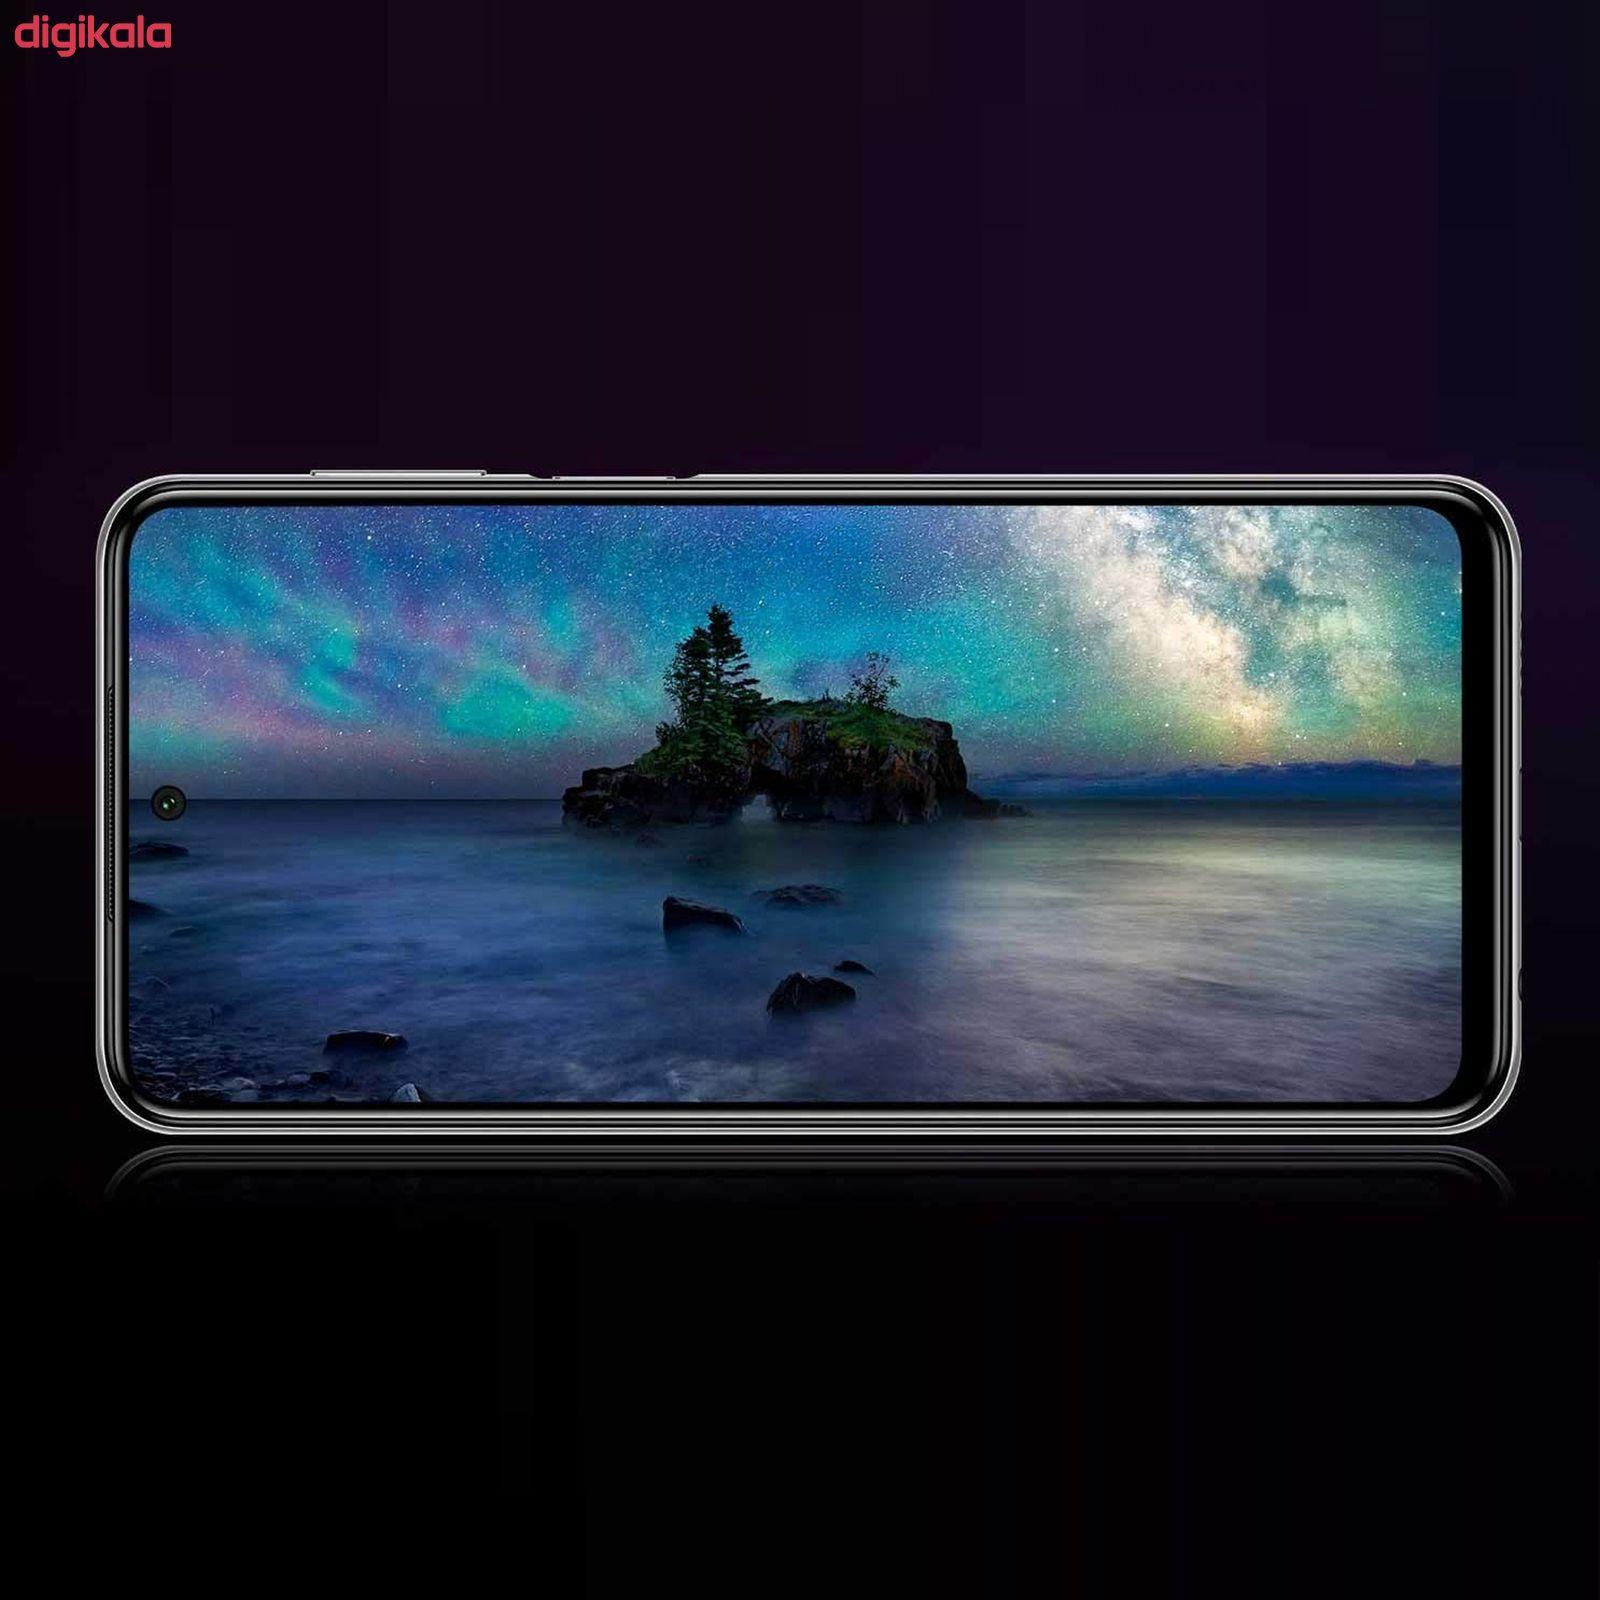 گوشی موبایل شیائومی مدل Redmi Note 9 Pro M2003J6B2G دو سیم کارت ظرفیت 128 گیگابایت main 1 5